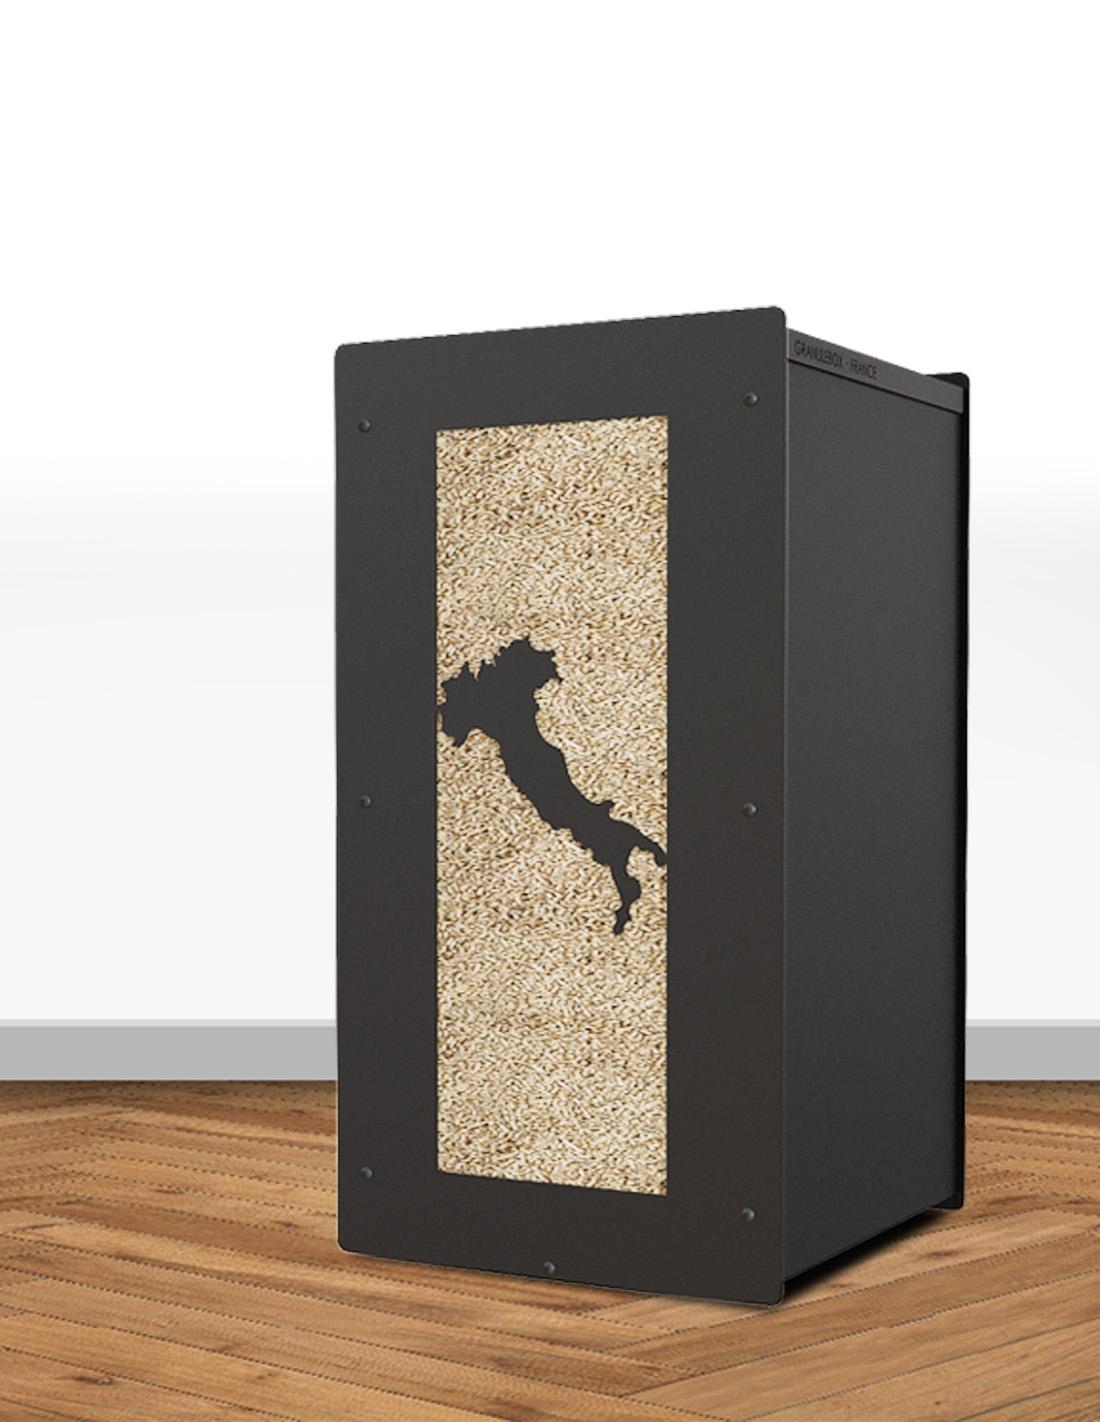 Un Stockage De Pellet Unique Et Design Pour Son Interieur A Marseille Meubles De Rangement Et Stockage Pour Granules De Bois A Lyon Granule Box